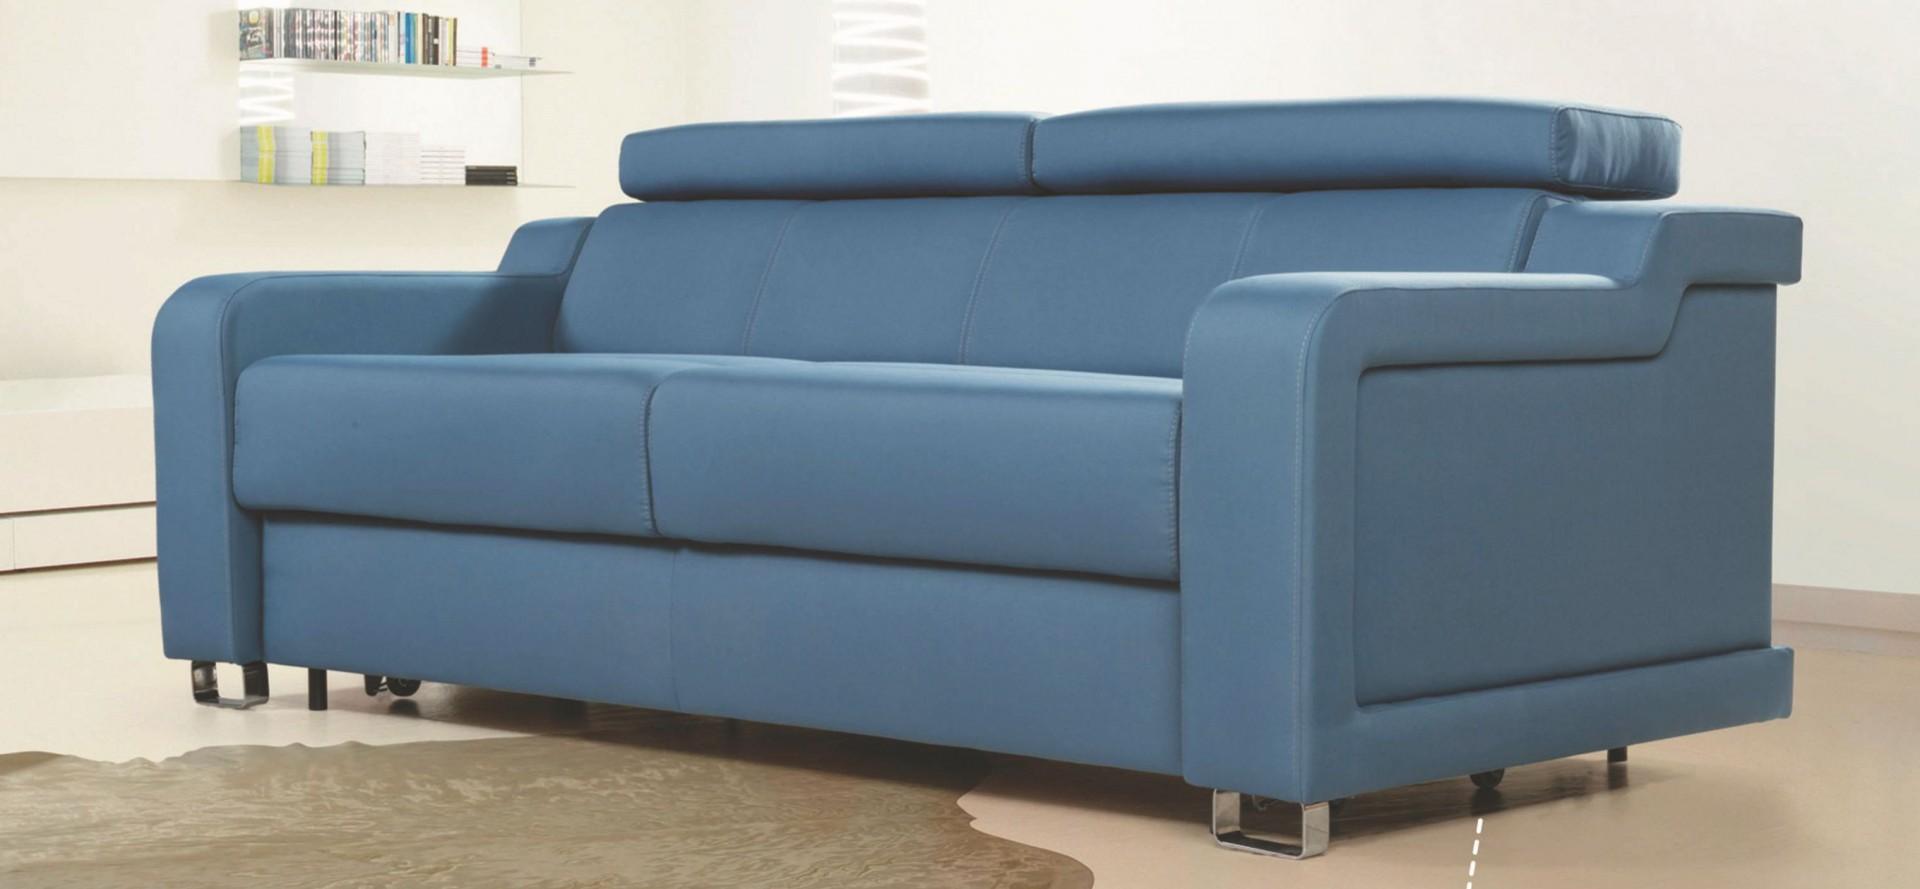 Sofa Andria firmy Meblomak wyróżnia się ciekawą formą. Fot. Meblomak